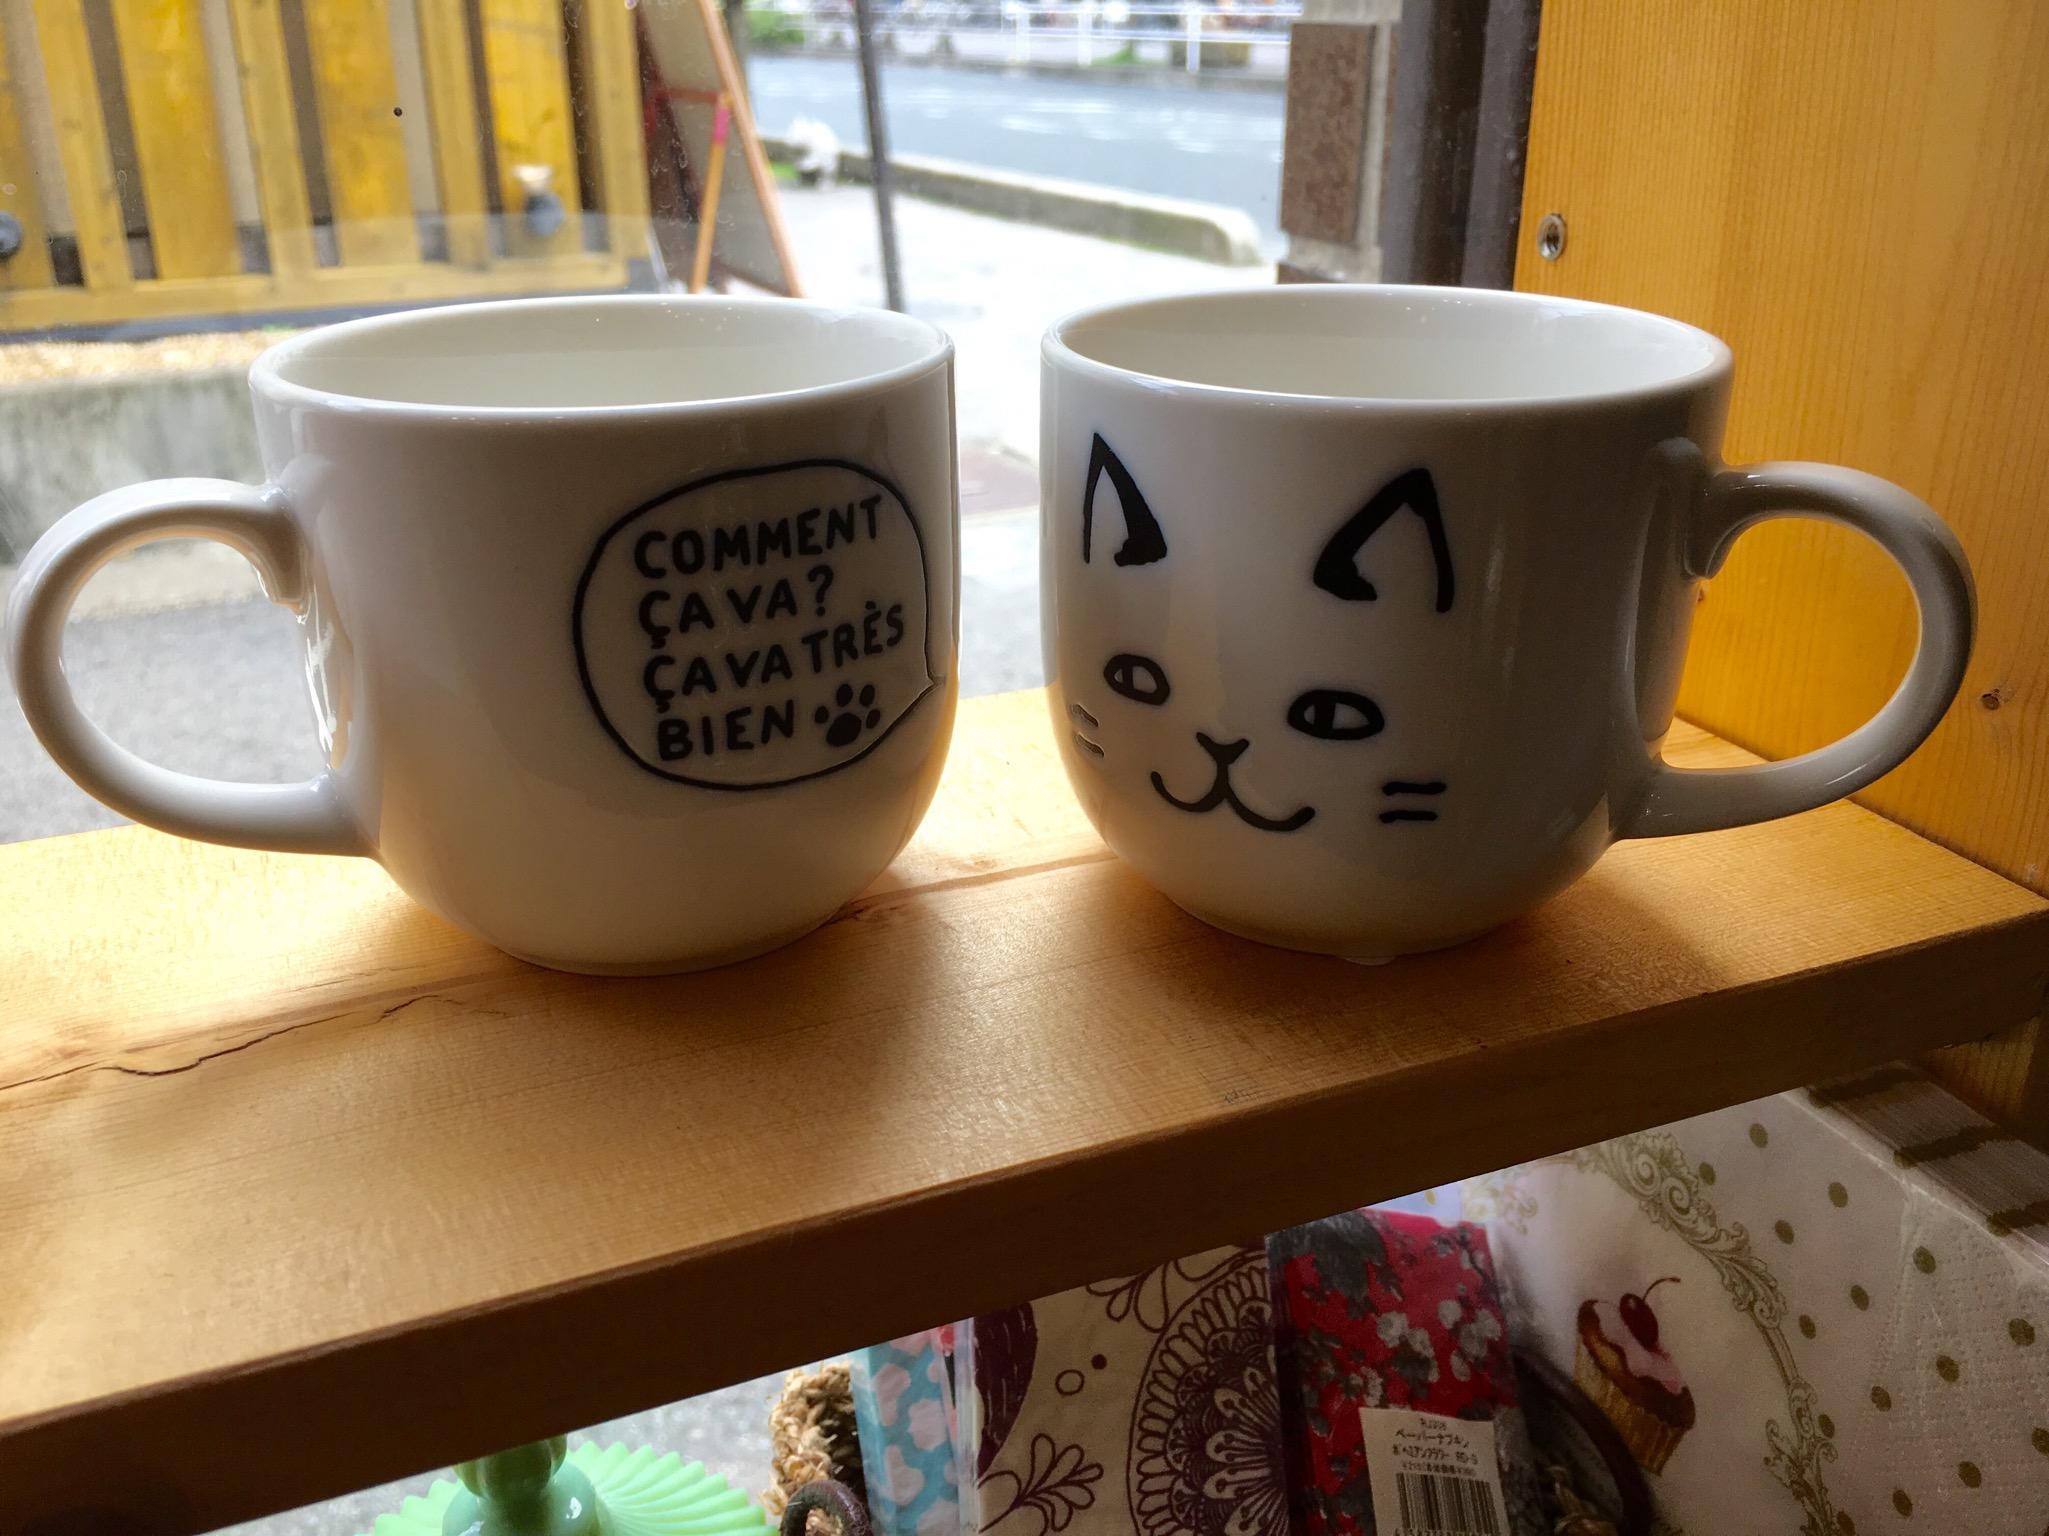 トレビニャン・白猫マグカップ